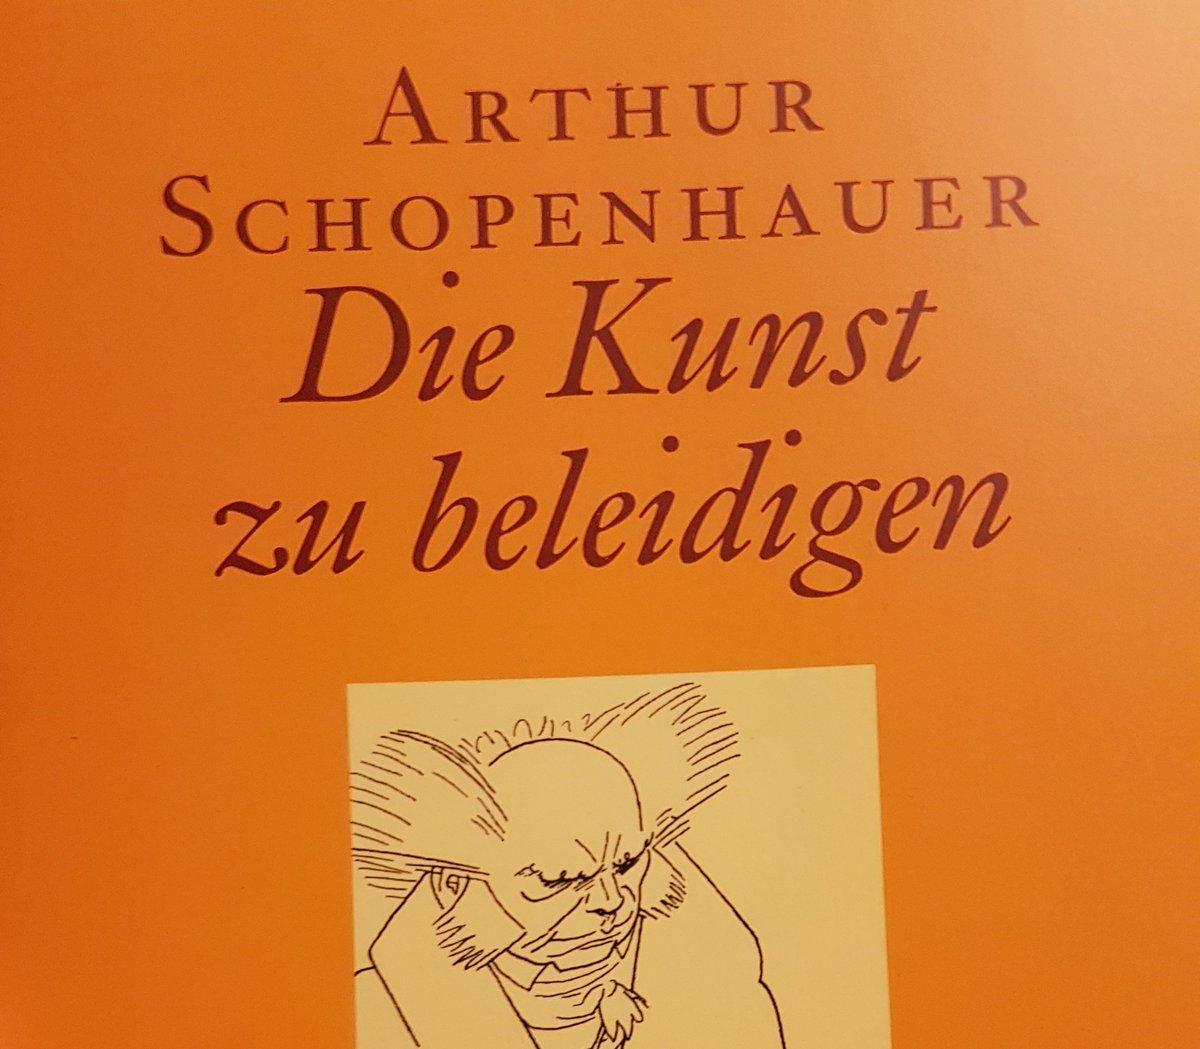 Buchtitel: Arthur Schopenhauer - die Kunst zu beleidigen.